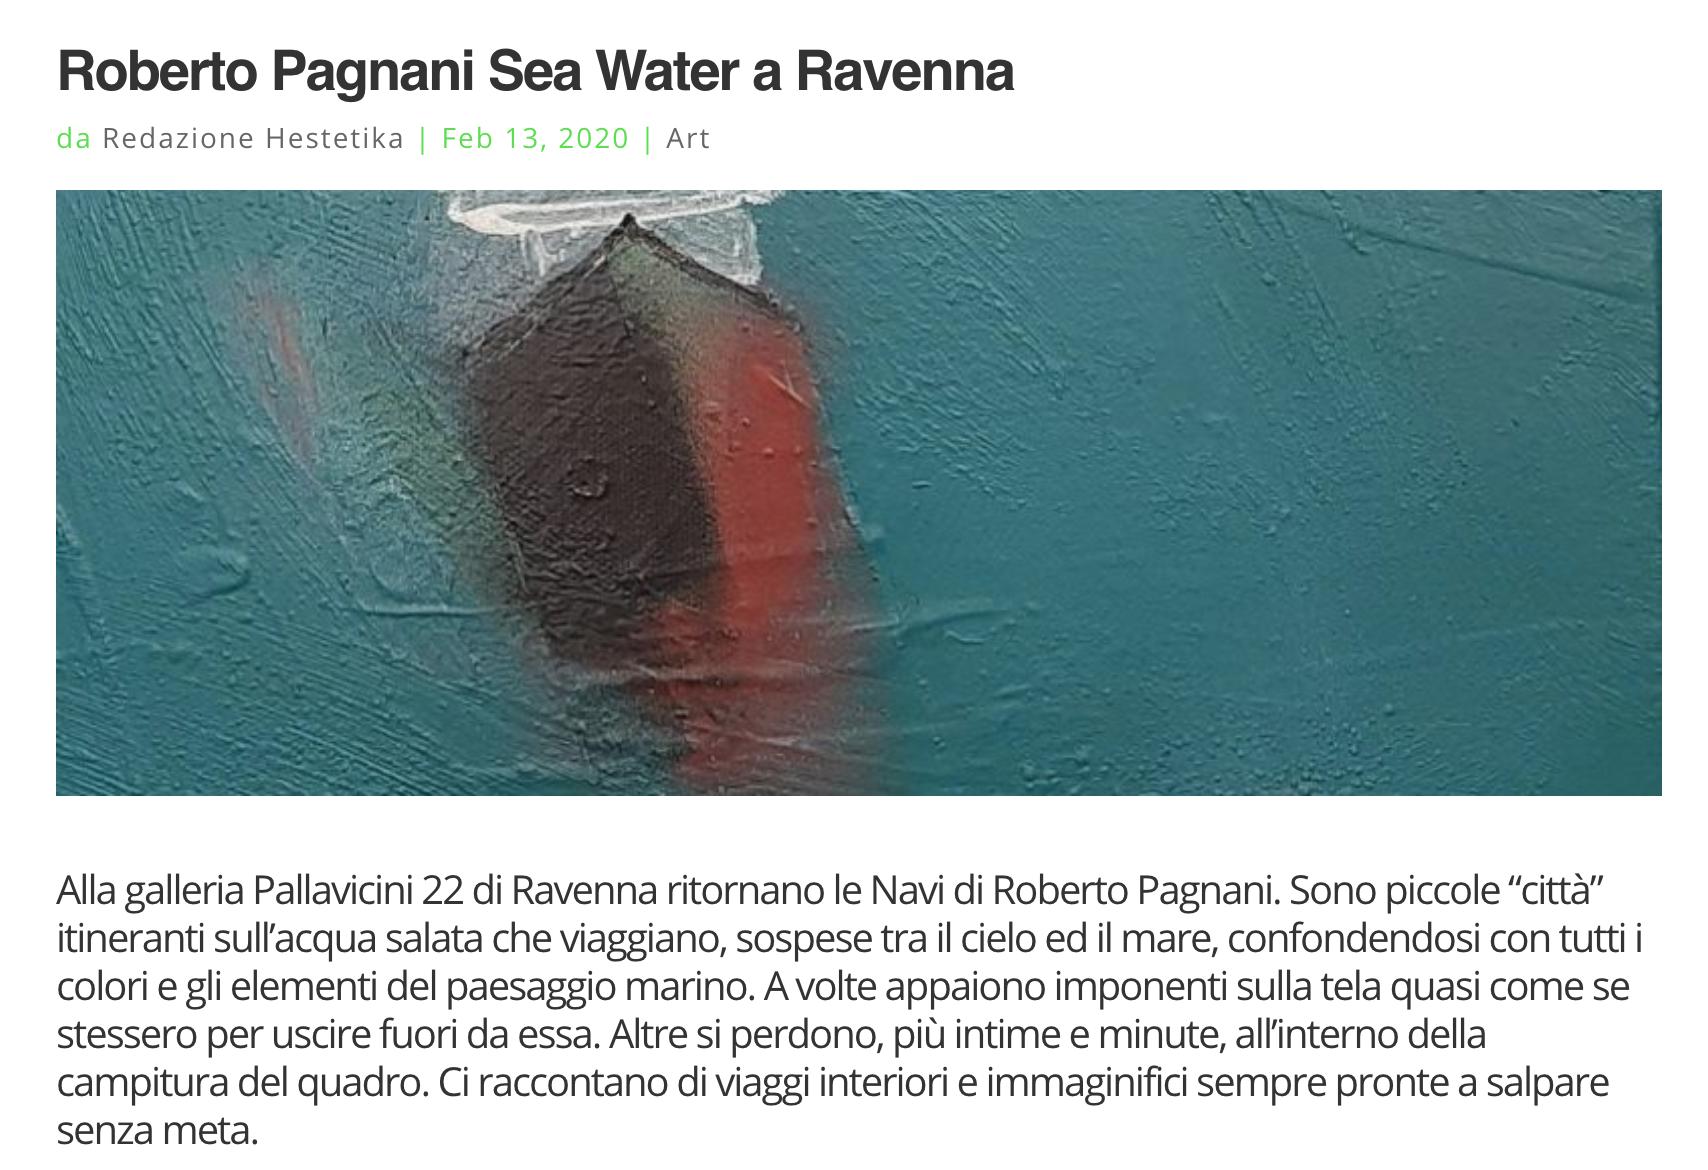 Sea Water di Roberto Pagnani su Hestetika | Pallavicini22 spazio espositivo Ravenna